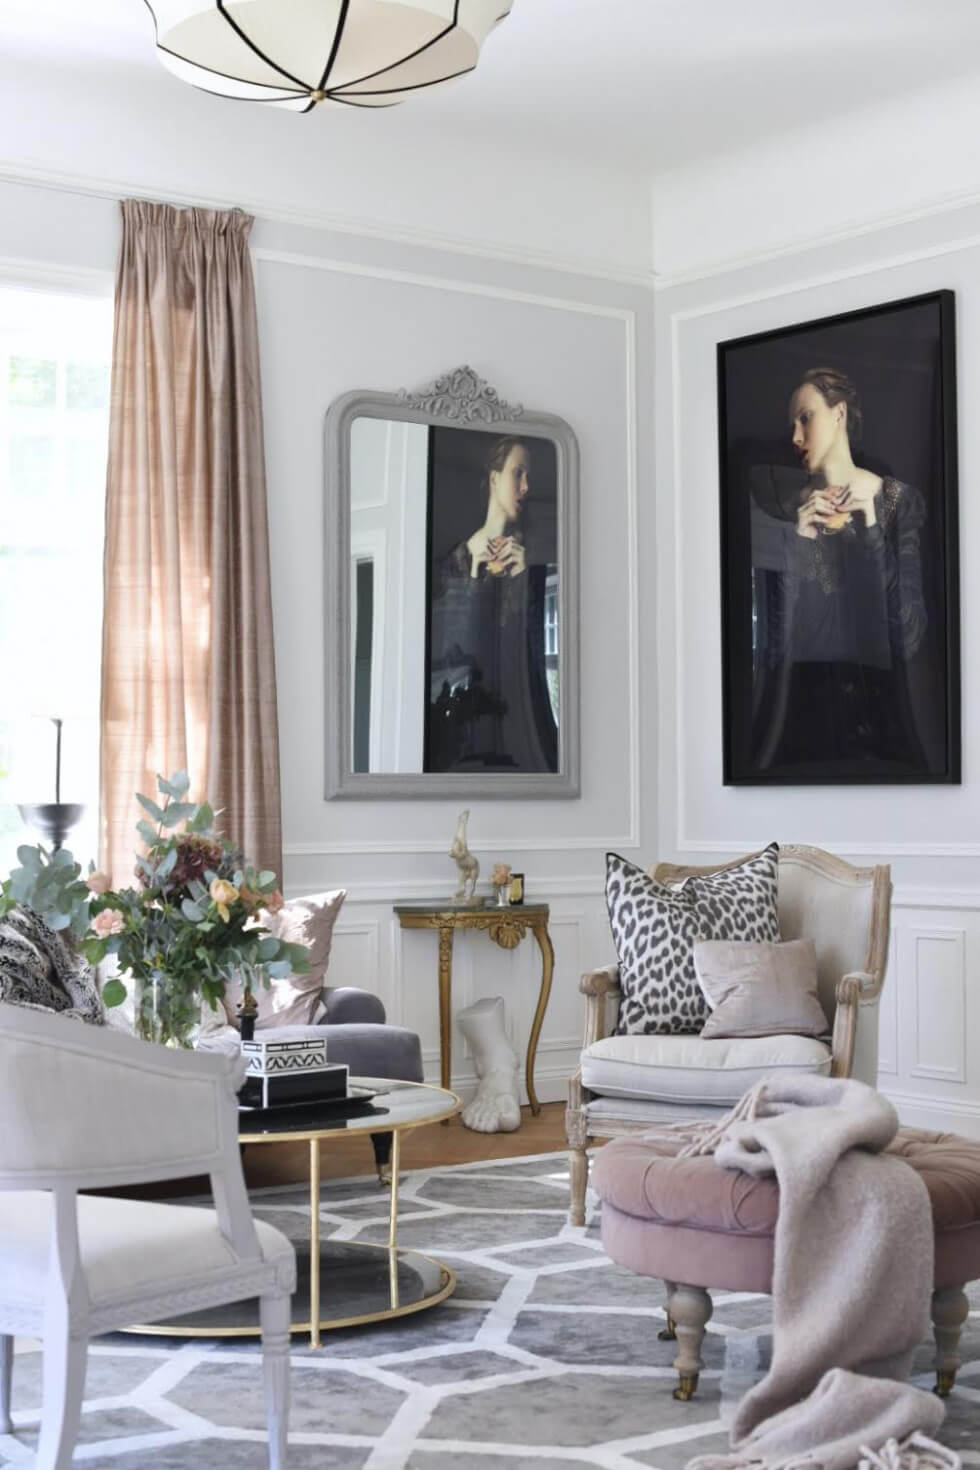 Vardagsrum stylat och fotat av Sofia Tretow.